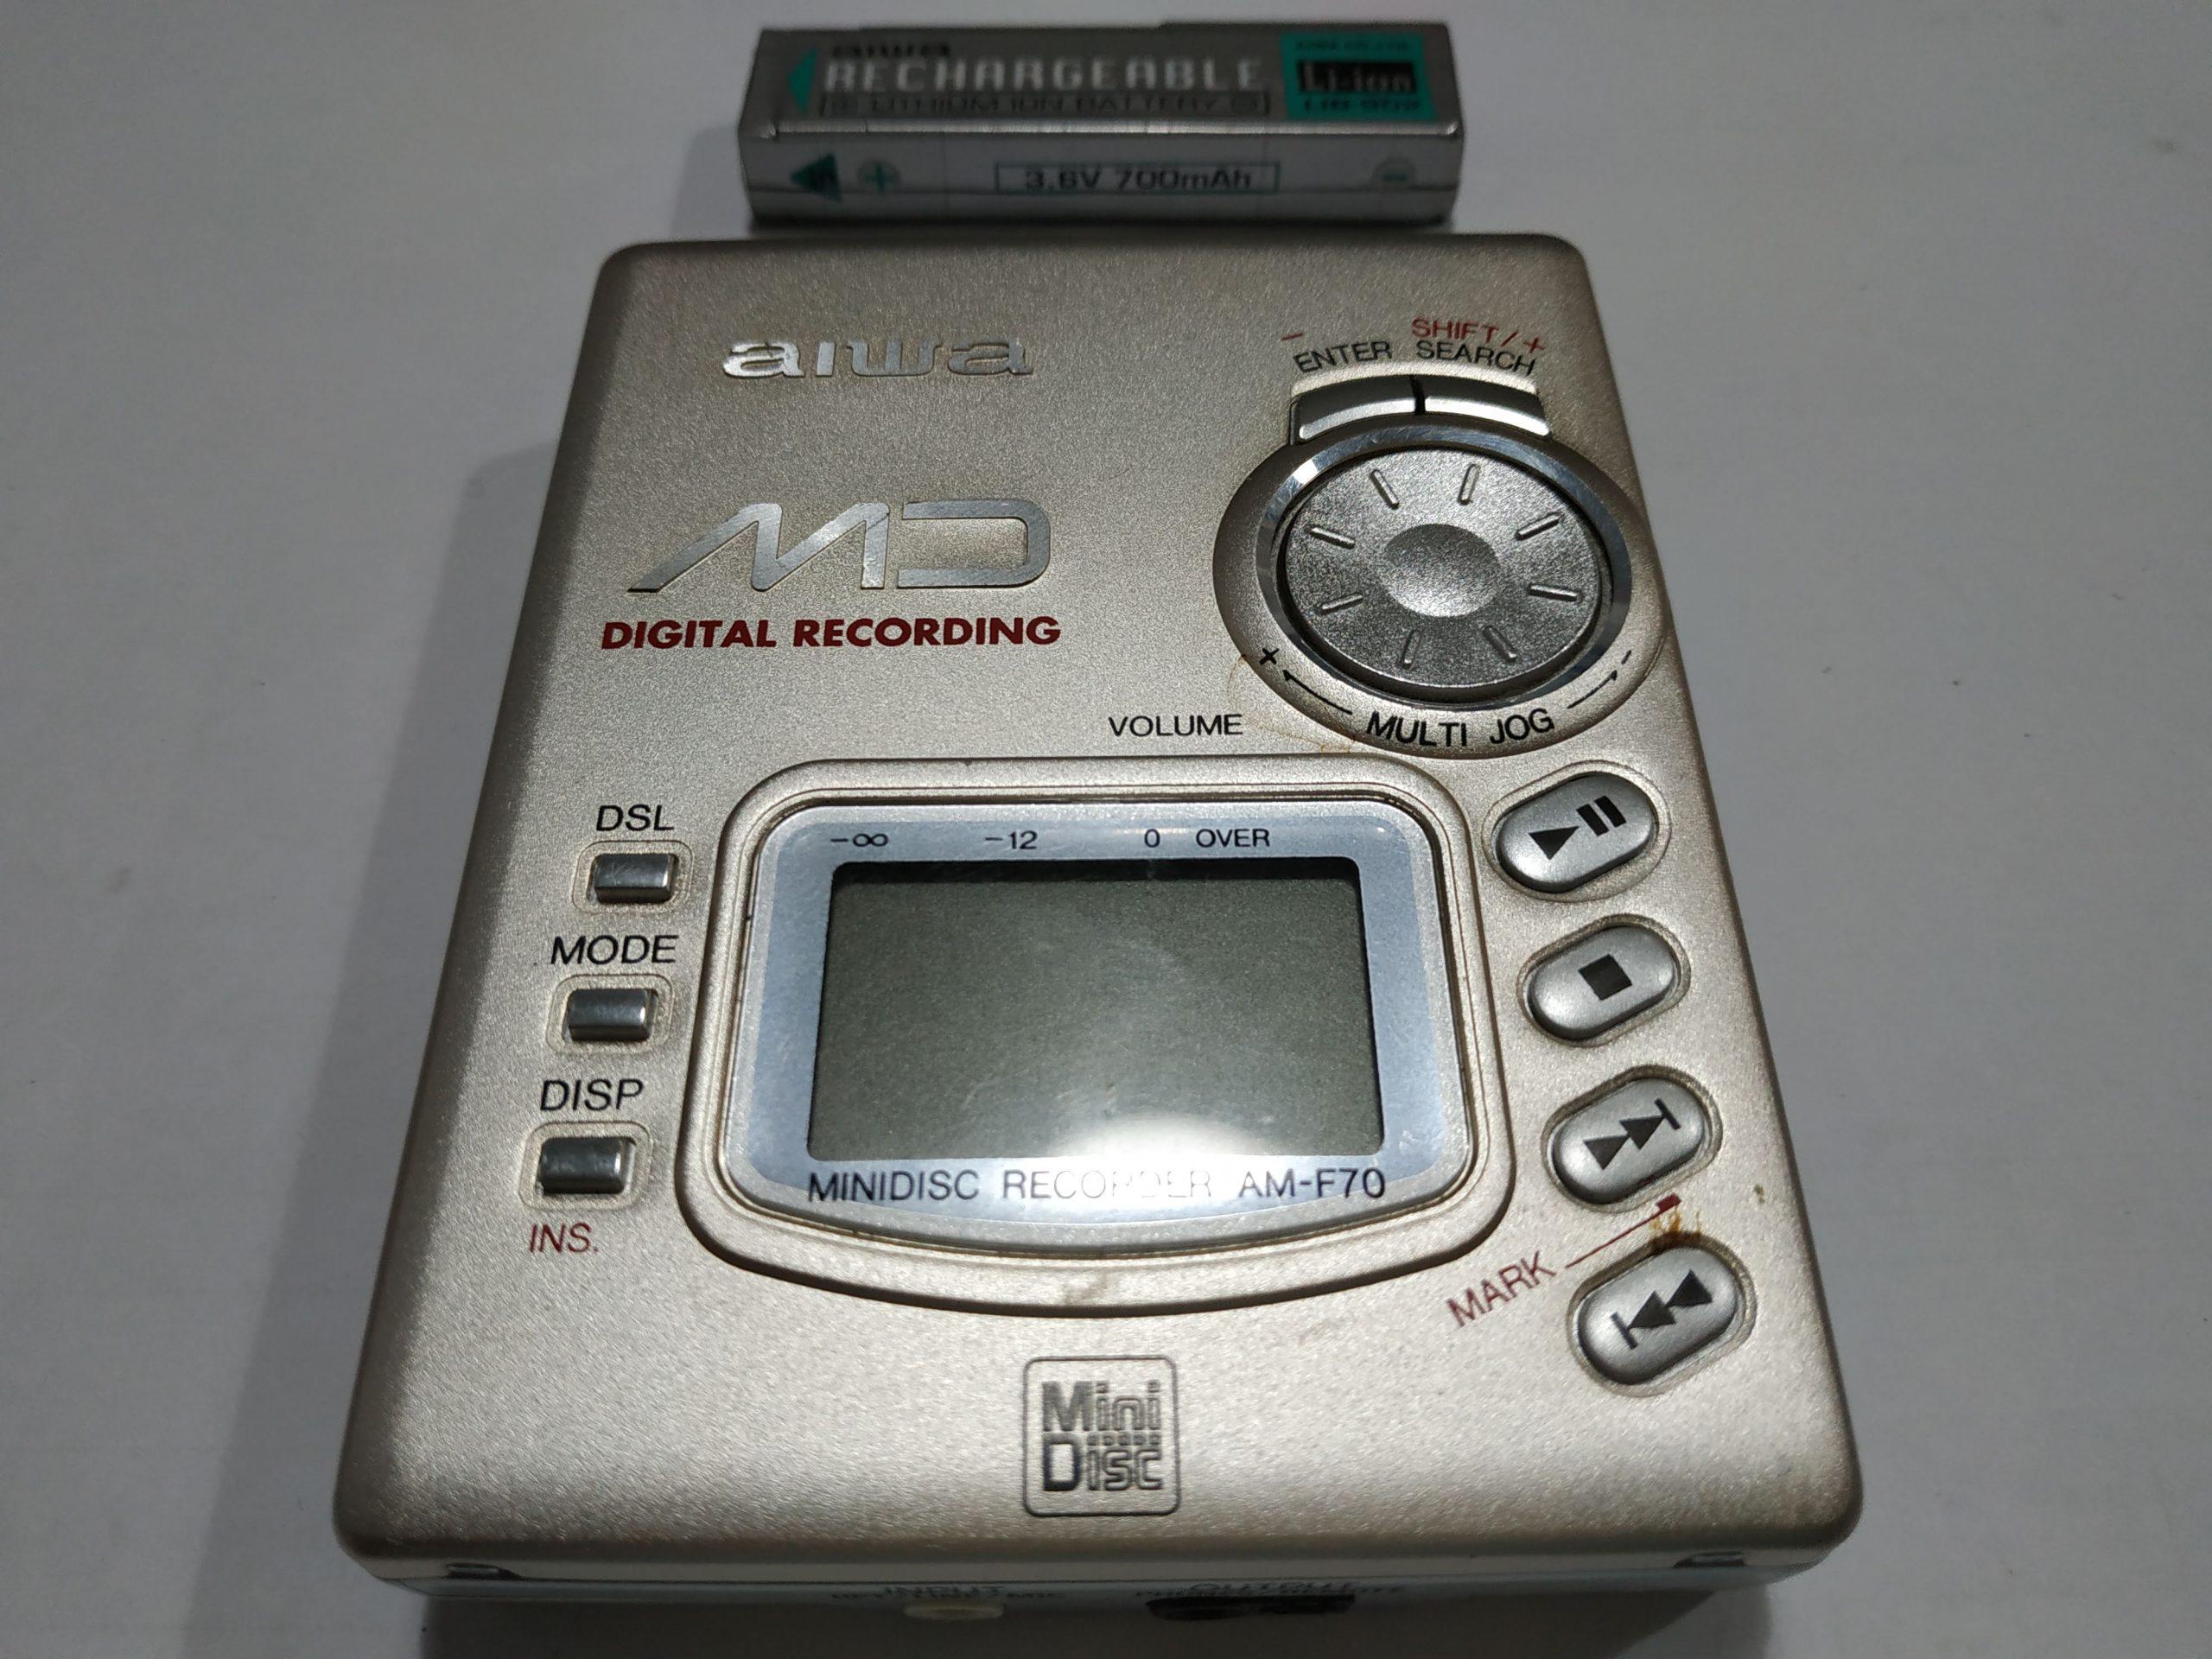 aiwa md battery am-f70